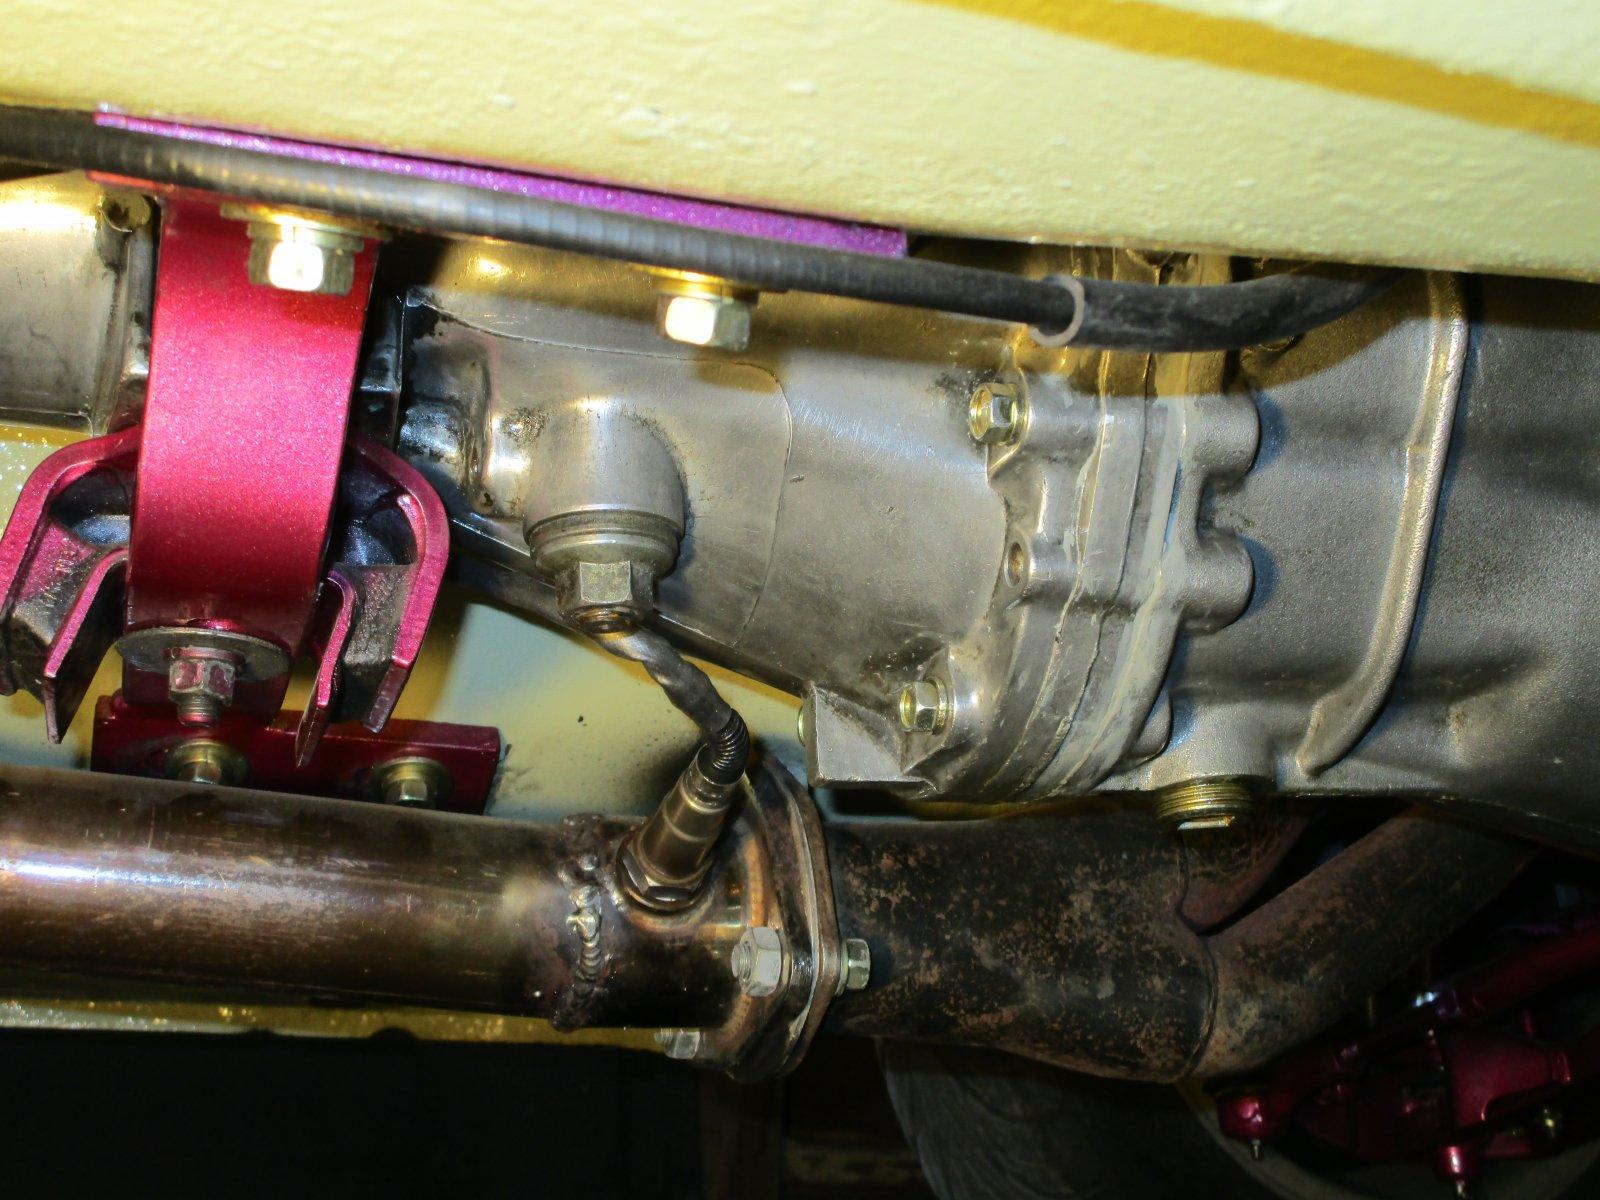 68 datsun O2 sensor for af IMG_2042.jpg